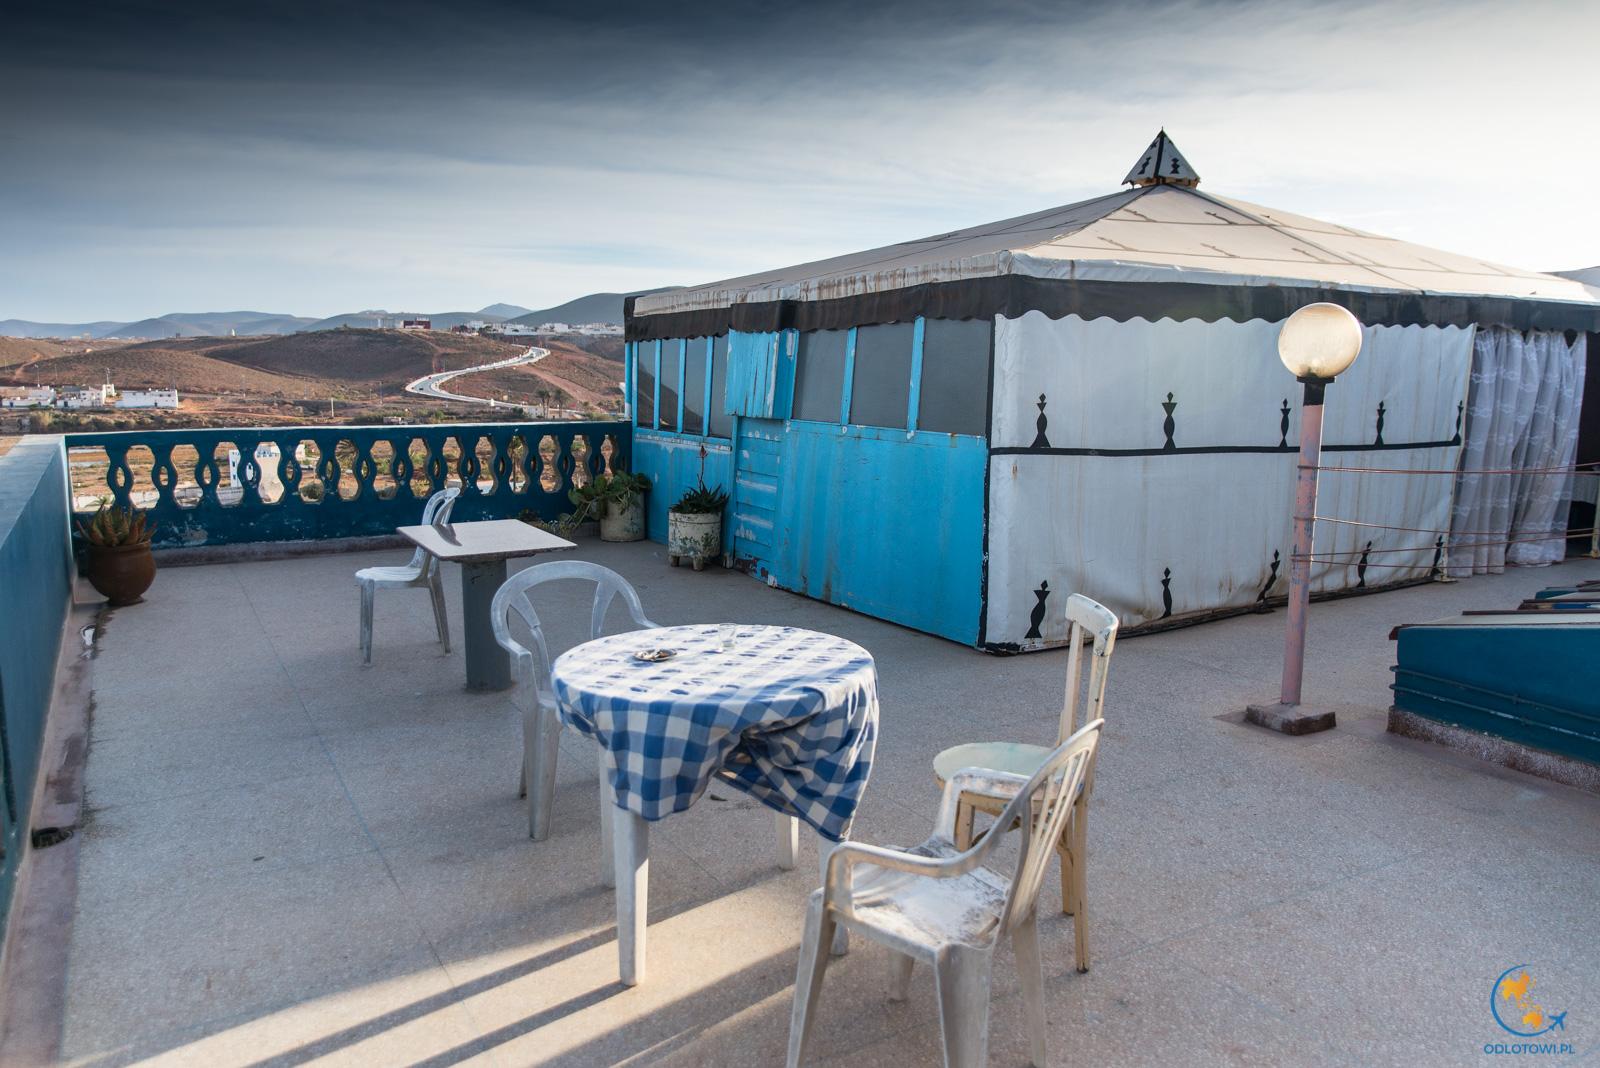 Namiot na dachu w Sidi Ifni